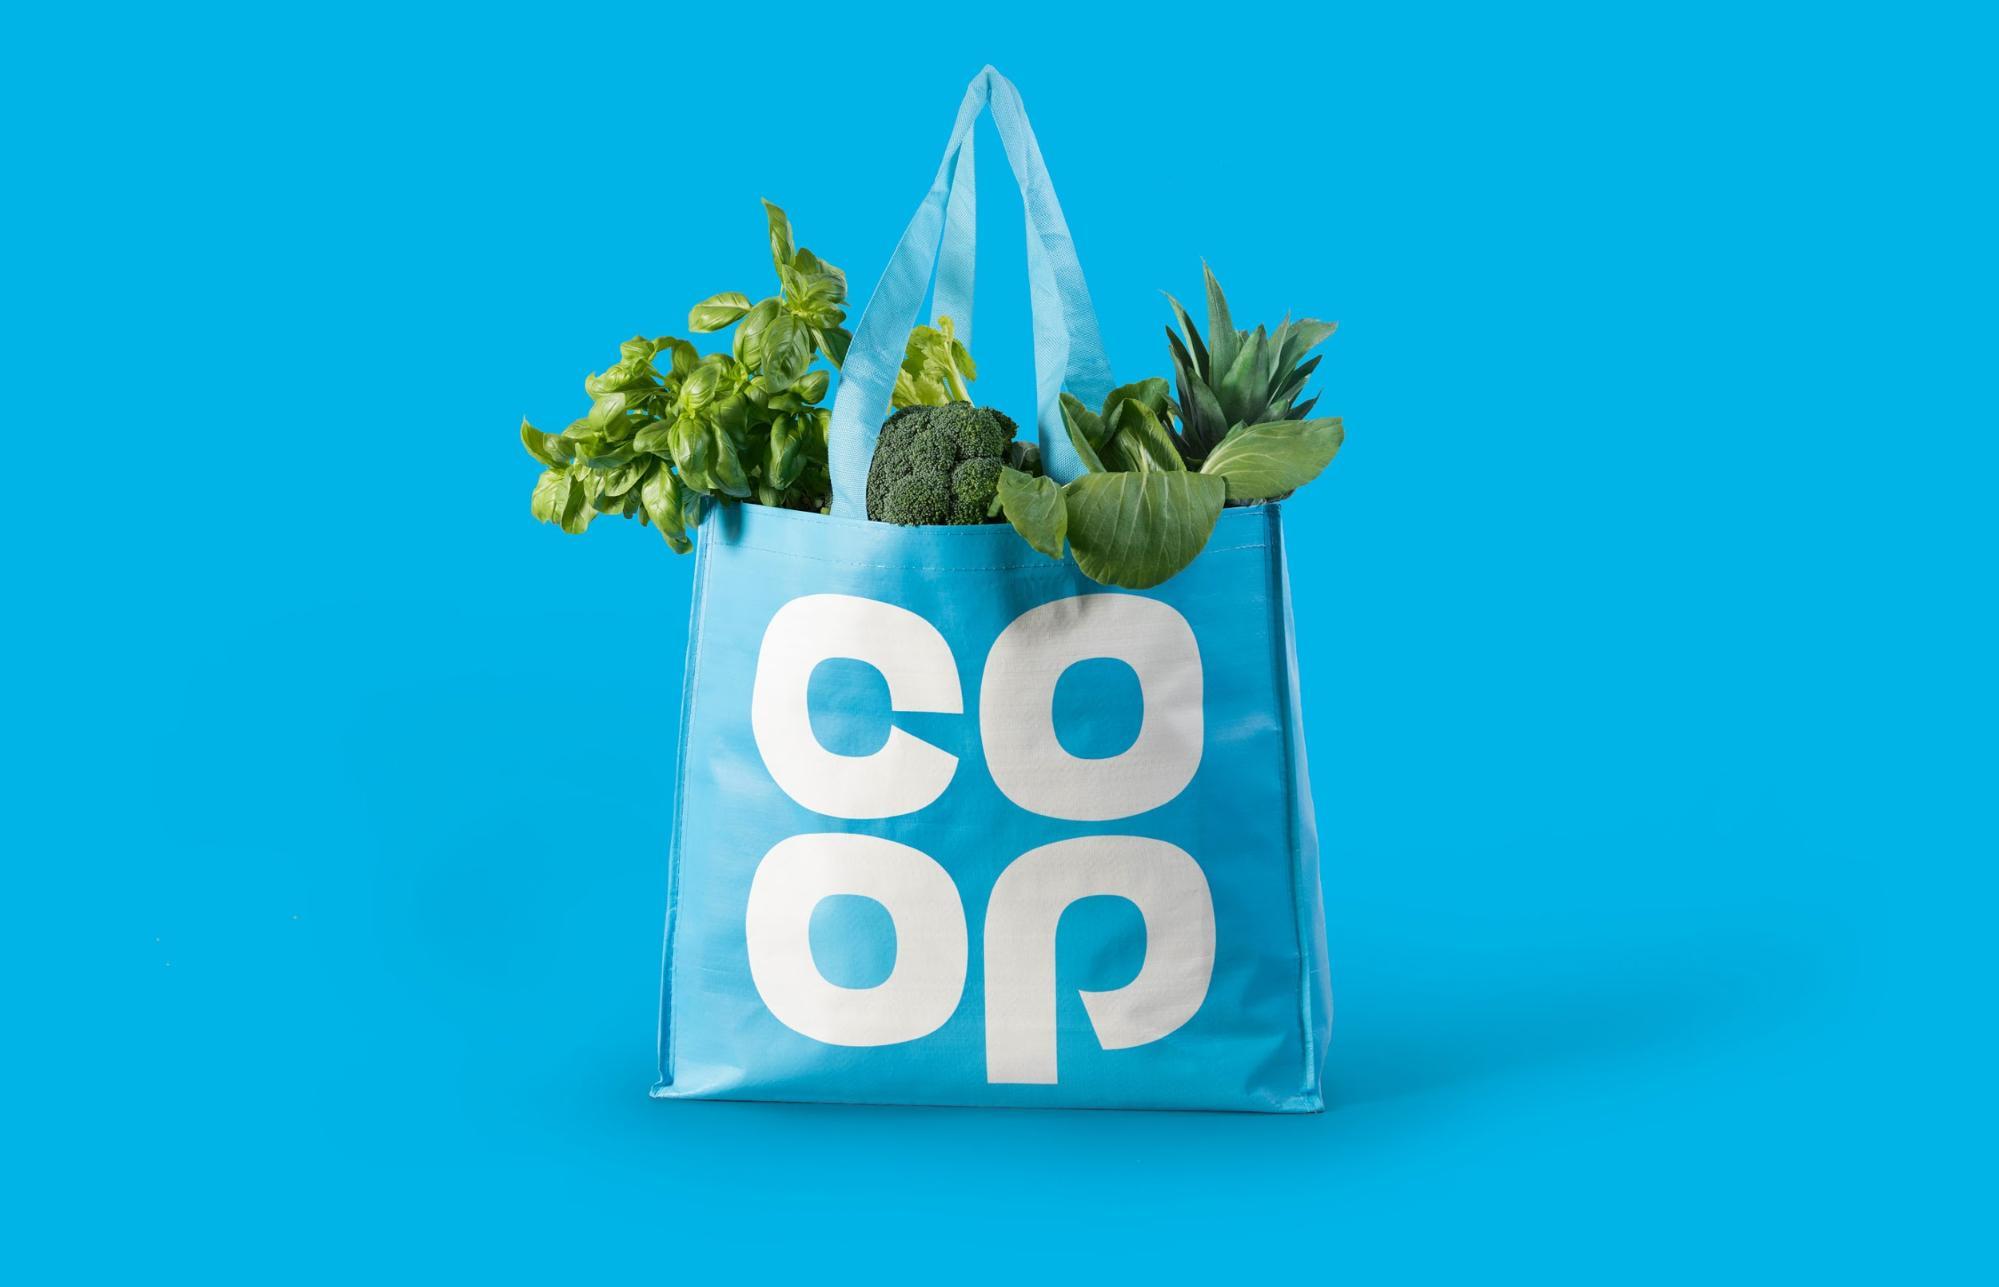 Co Op logo design on bag